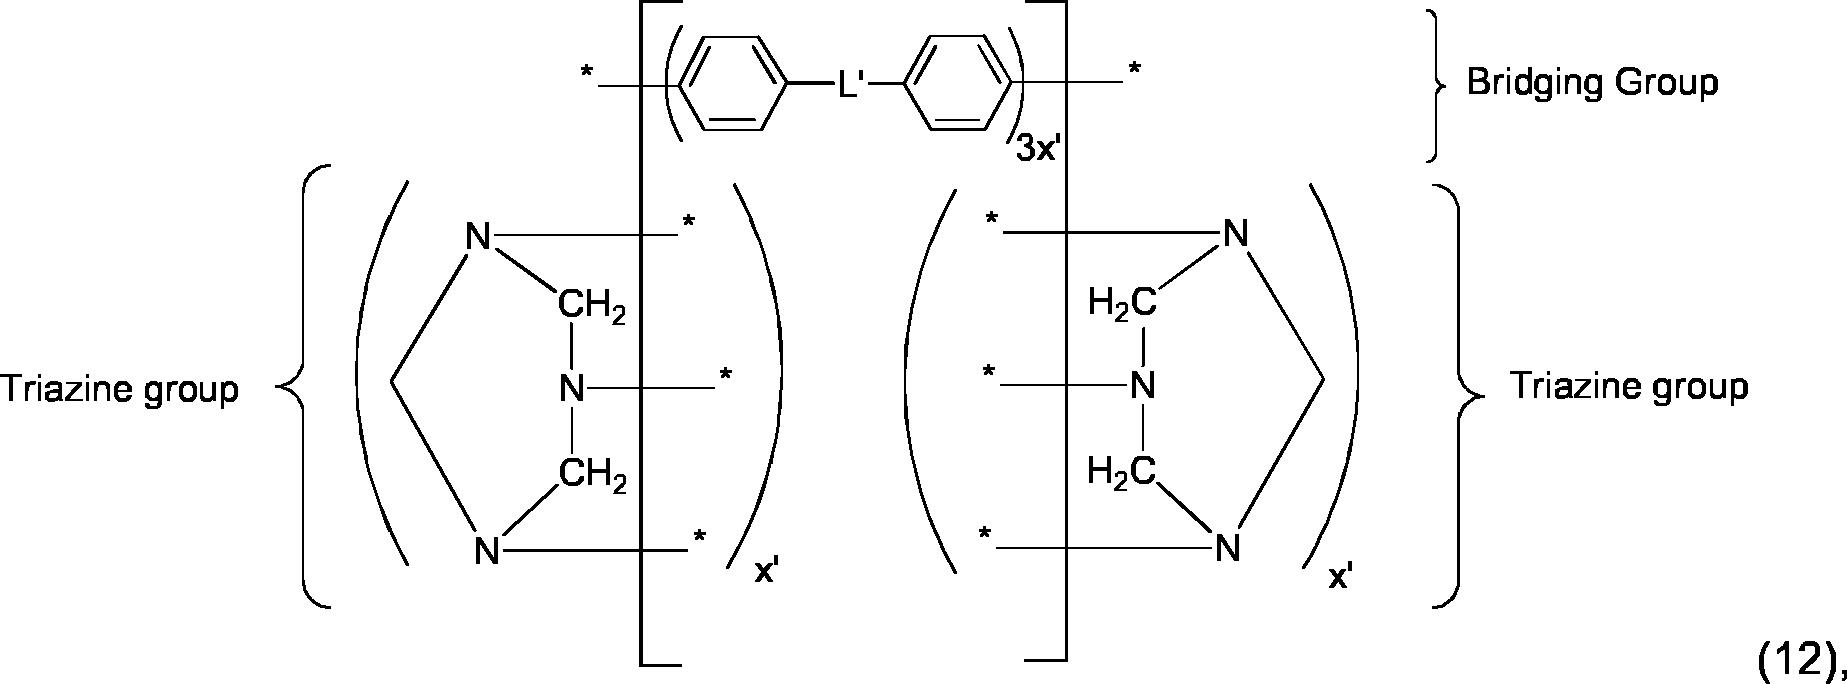 Figure DE112014004152T5_0019